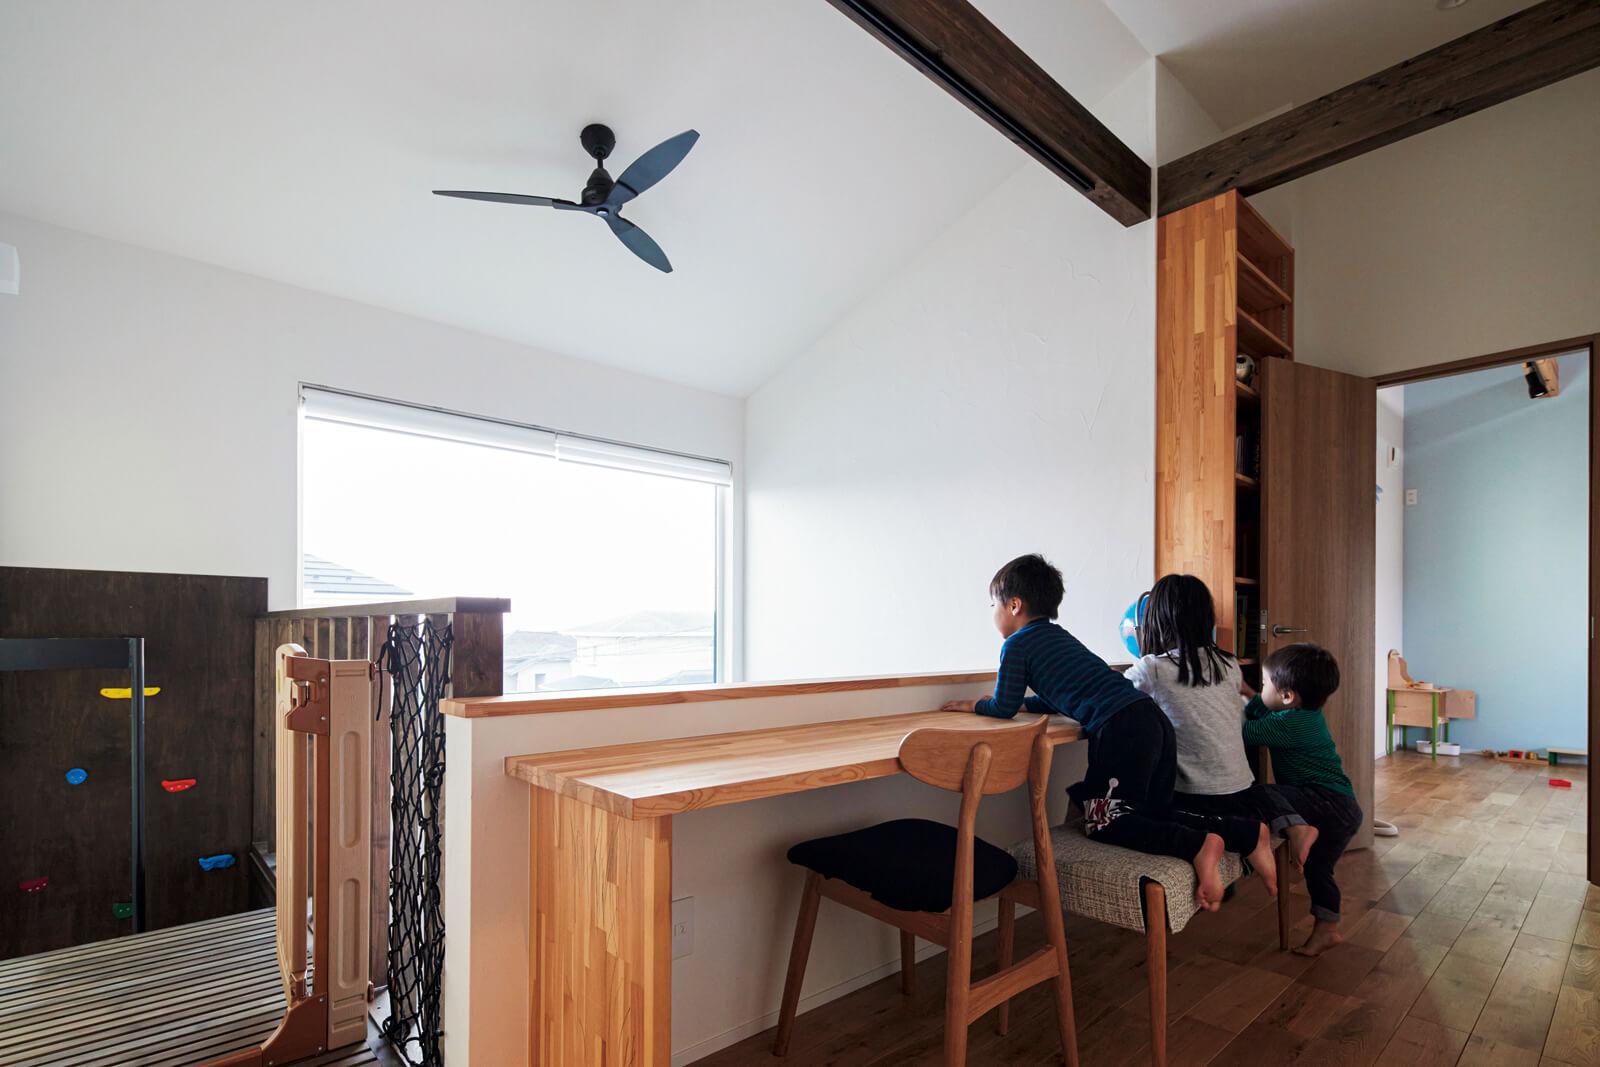 窓から見える景色にも配慮。2階のホールからは窓を通して仙台の街並みを眺めることができる